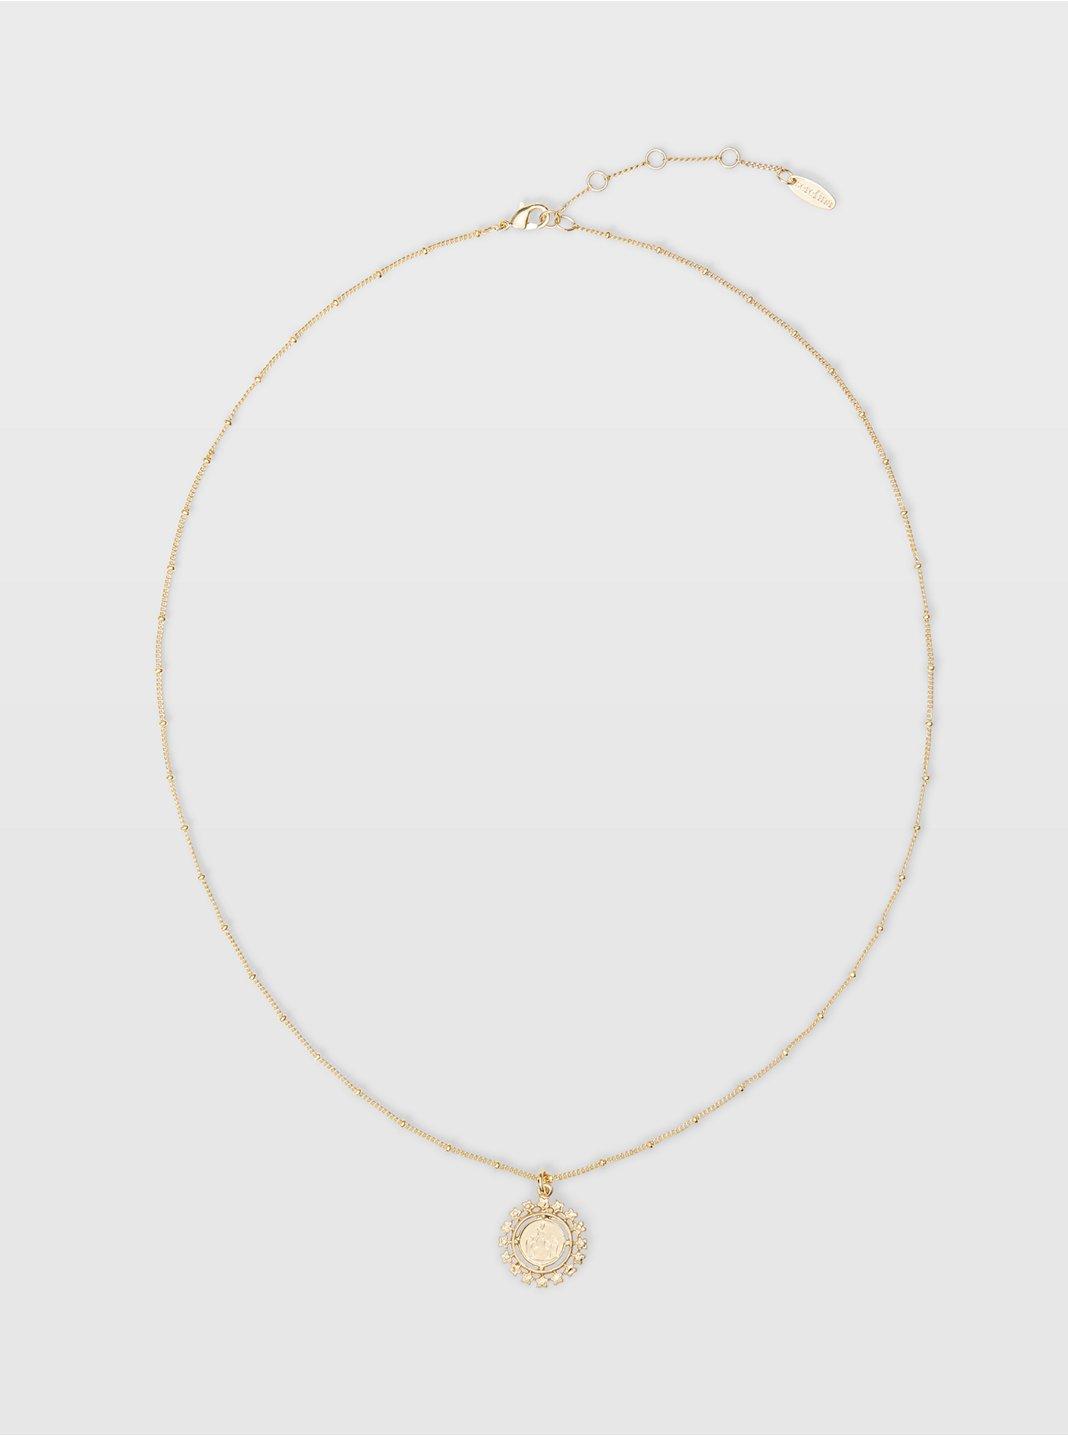 Serefina Long Coin Necklace